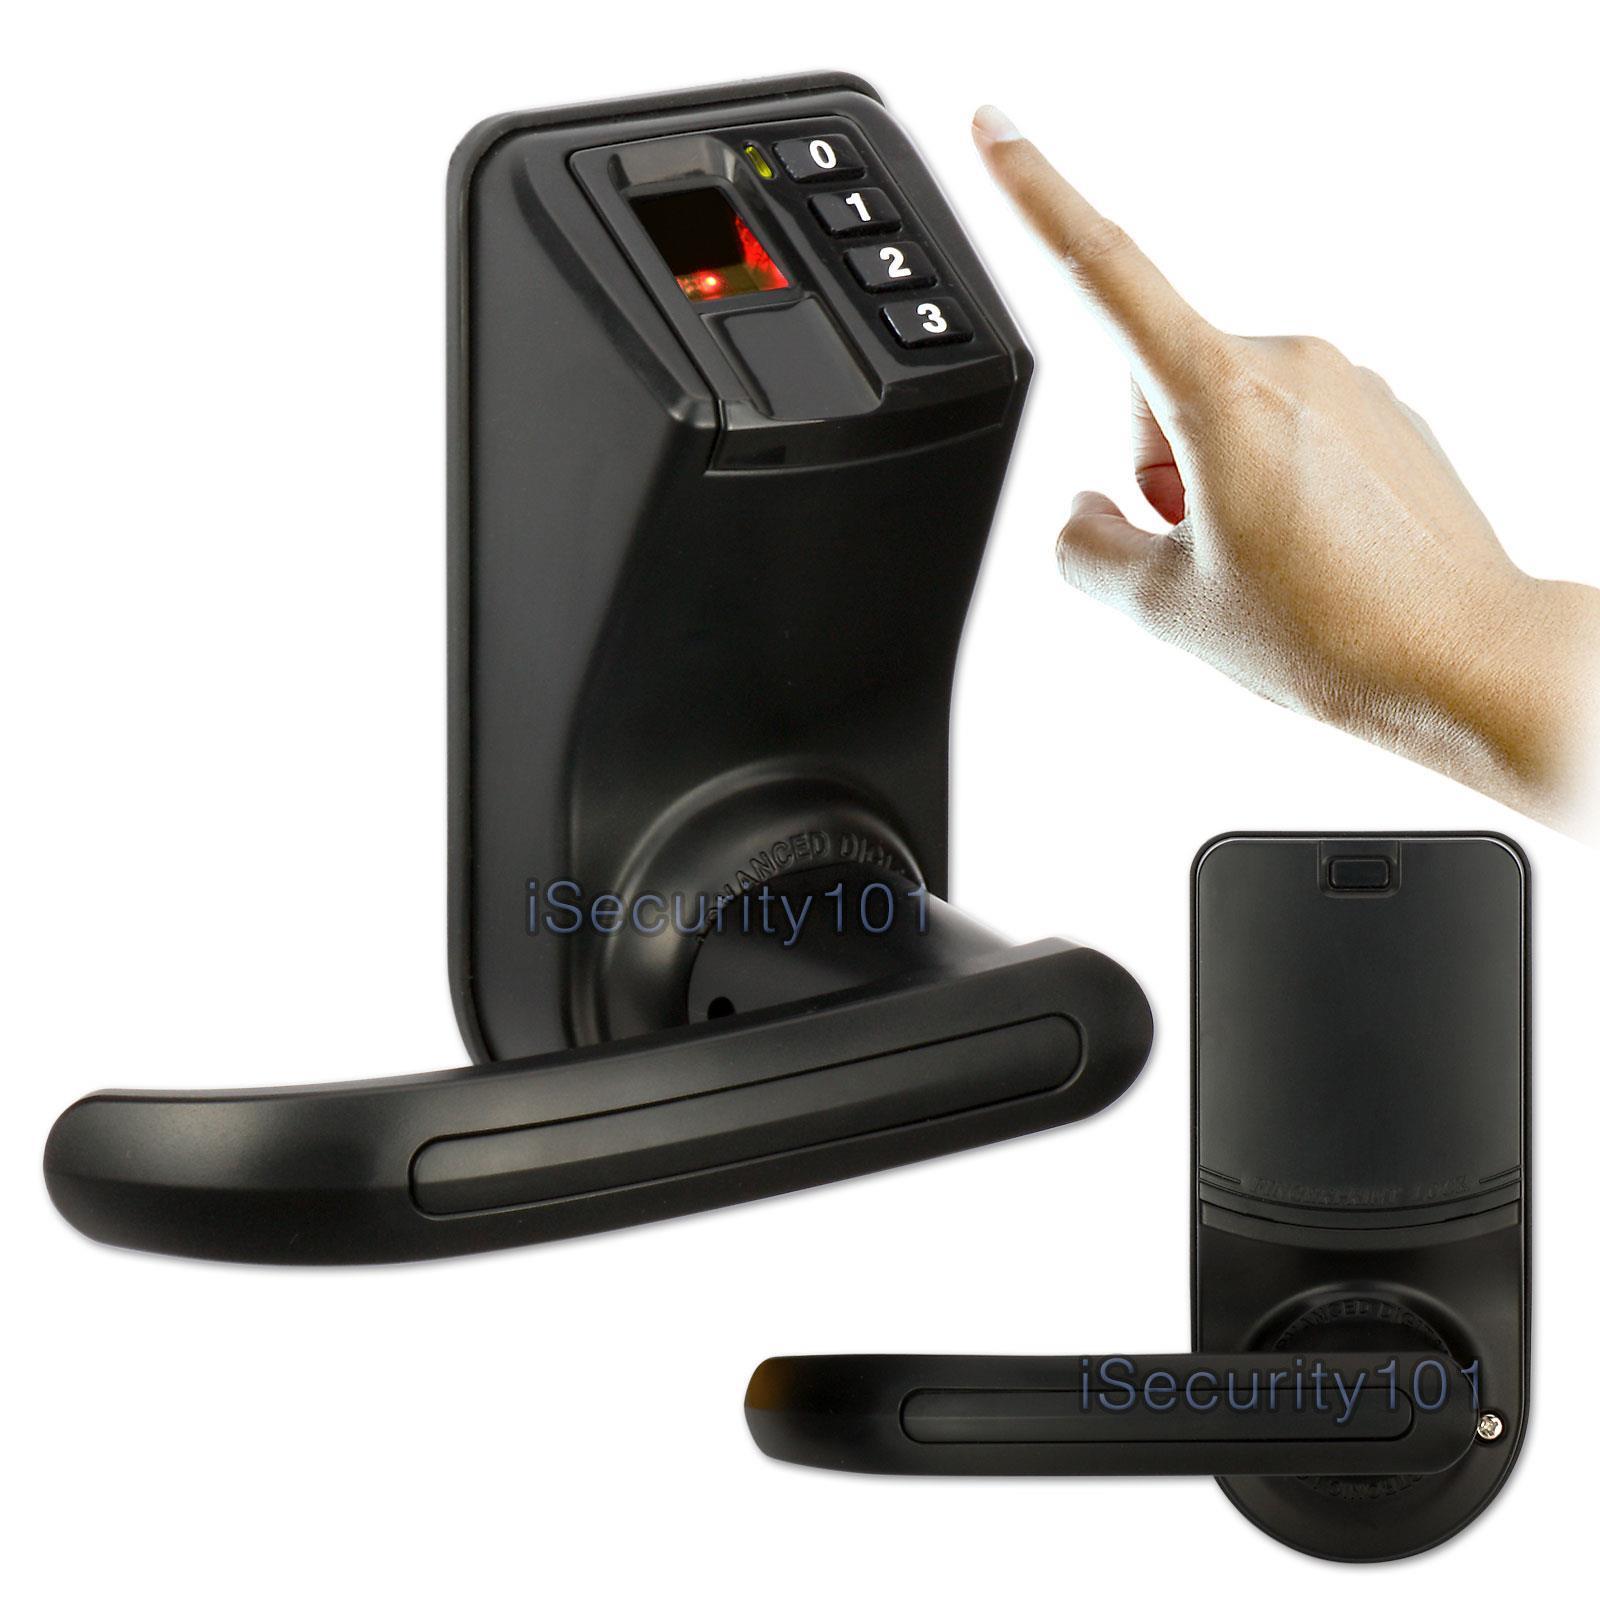 Новый доступ Управление LS911 черный LS9 отпечатков пальцев пароль блокировки дверей